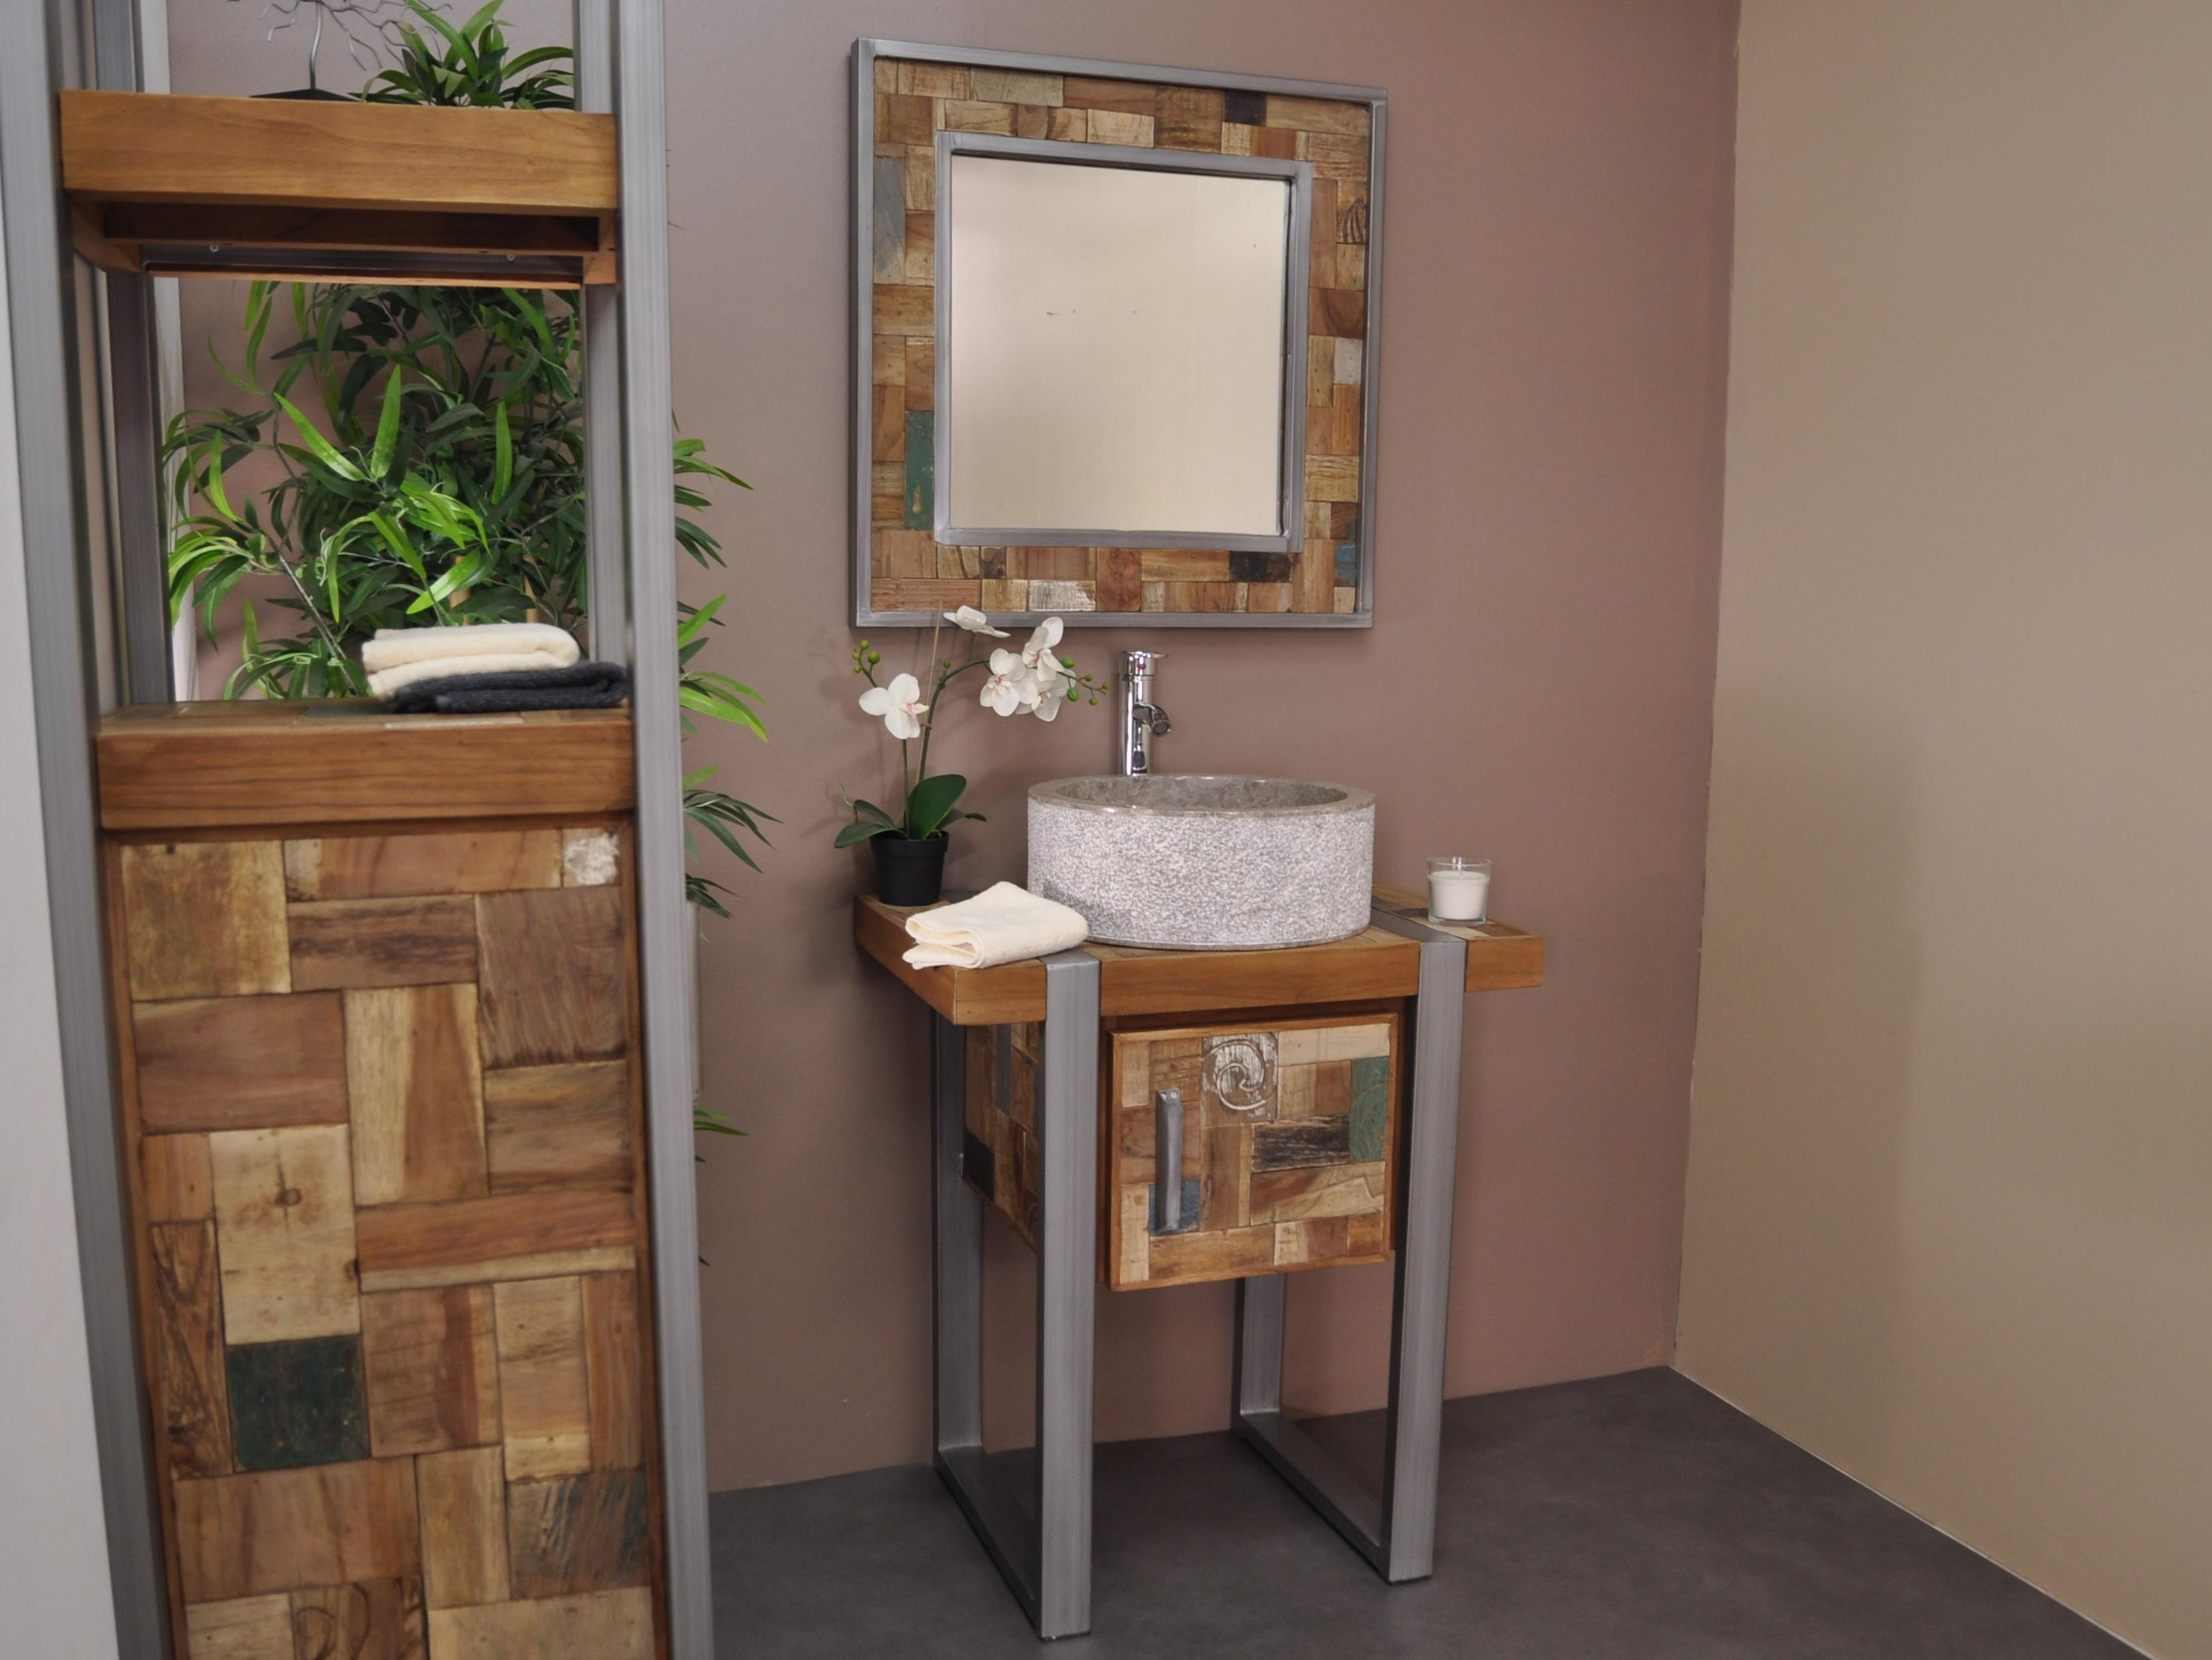 Miroir de salle de bain factory teck m tal 70x70 for Meuble 70x70